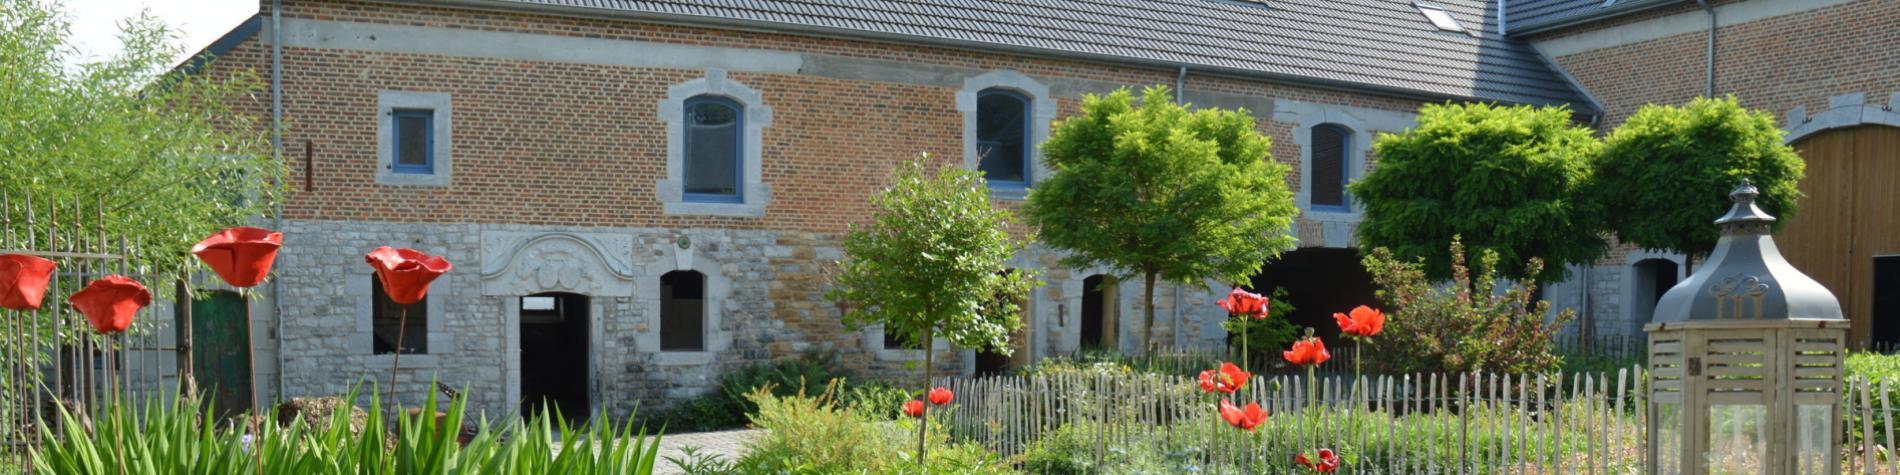 Maison d'hôtes - Les 4 saules - Modave